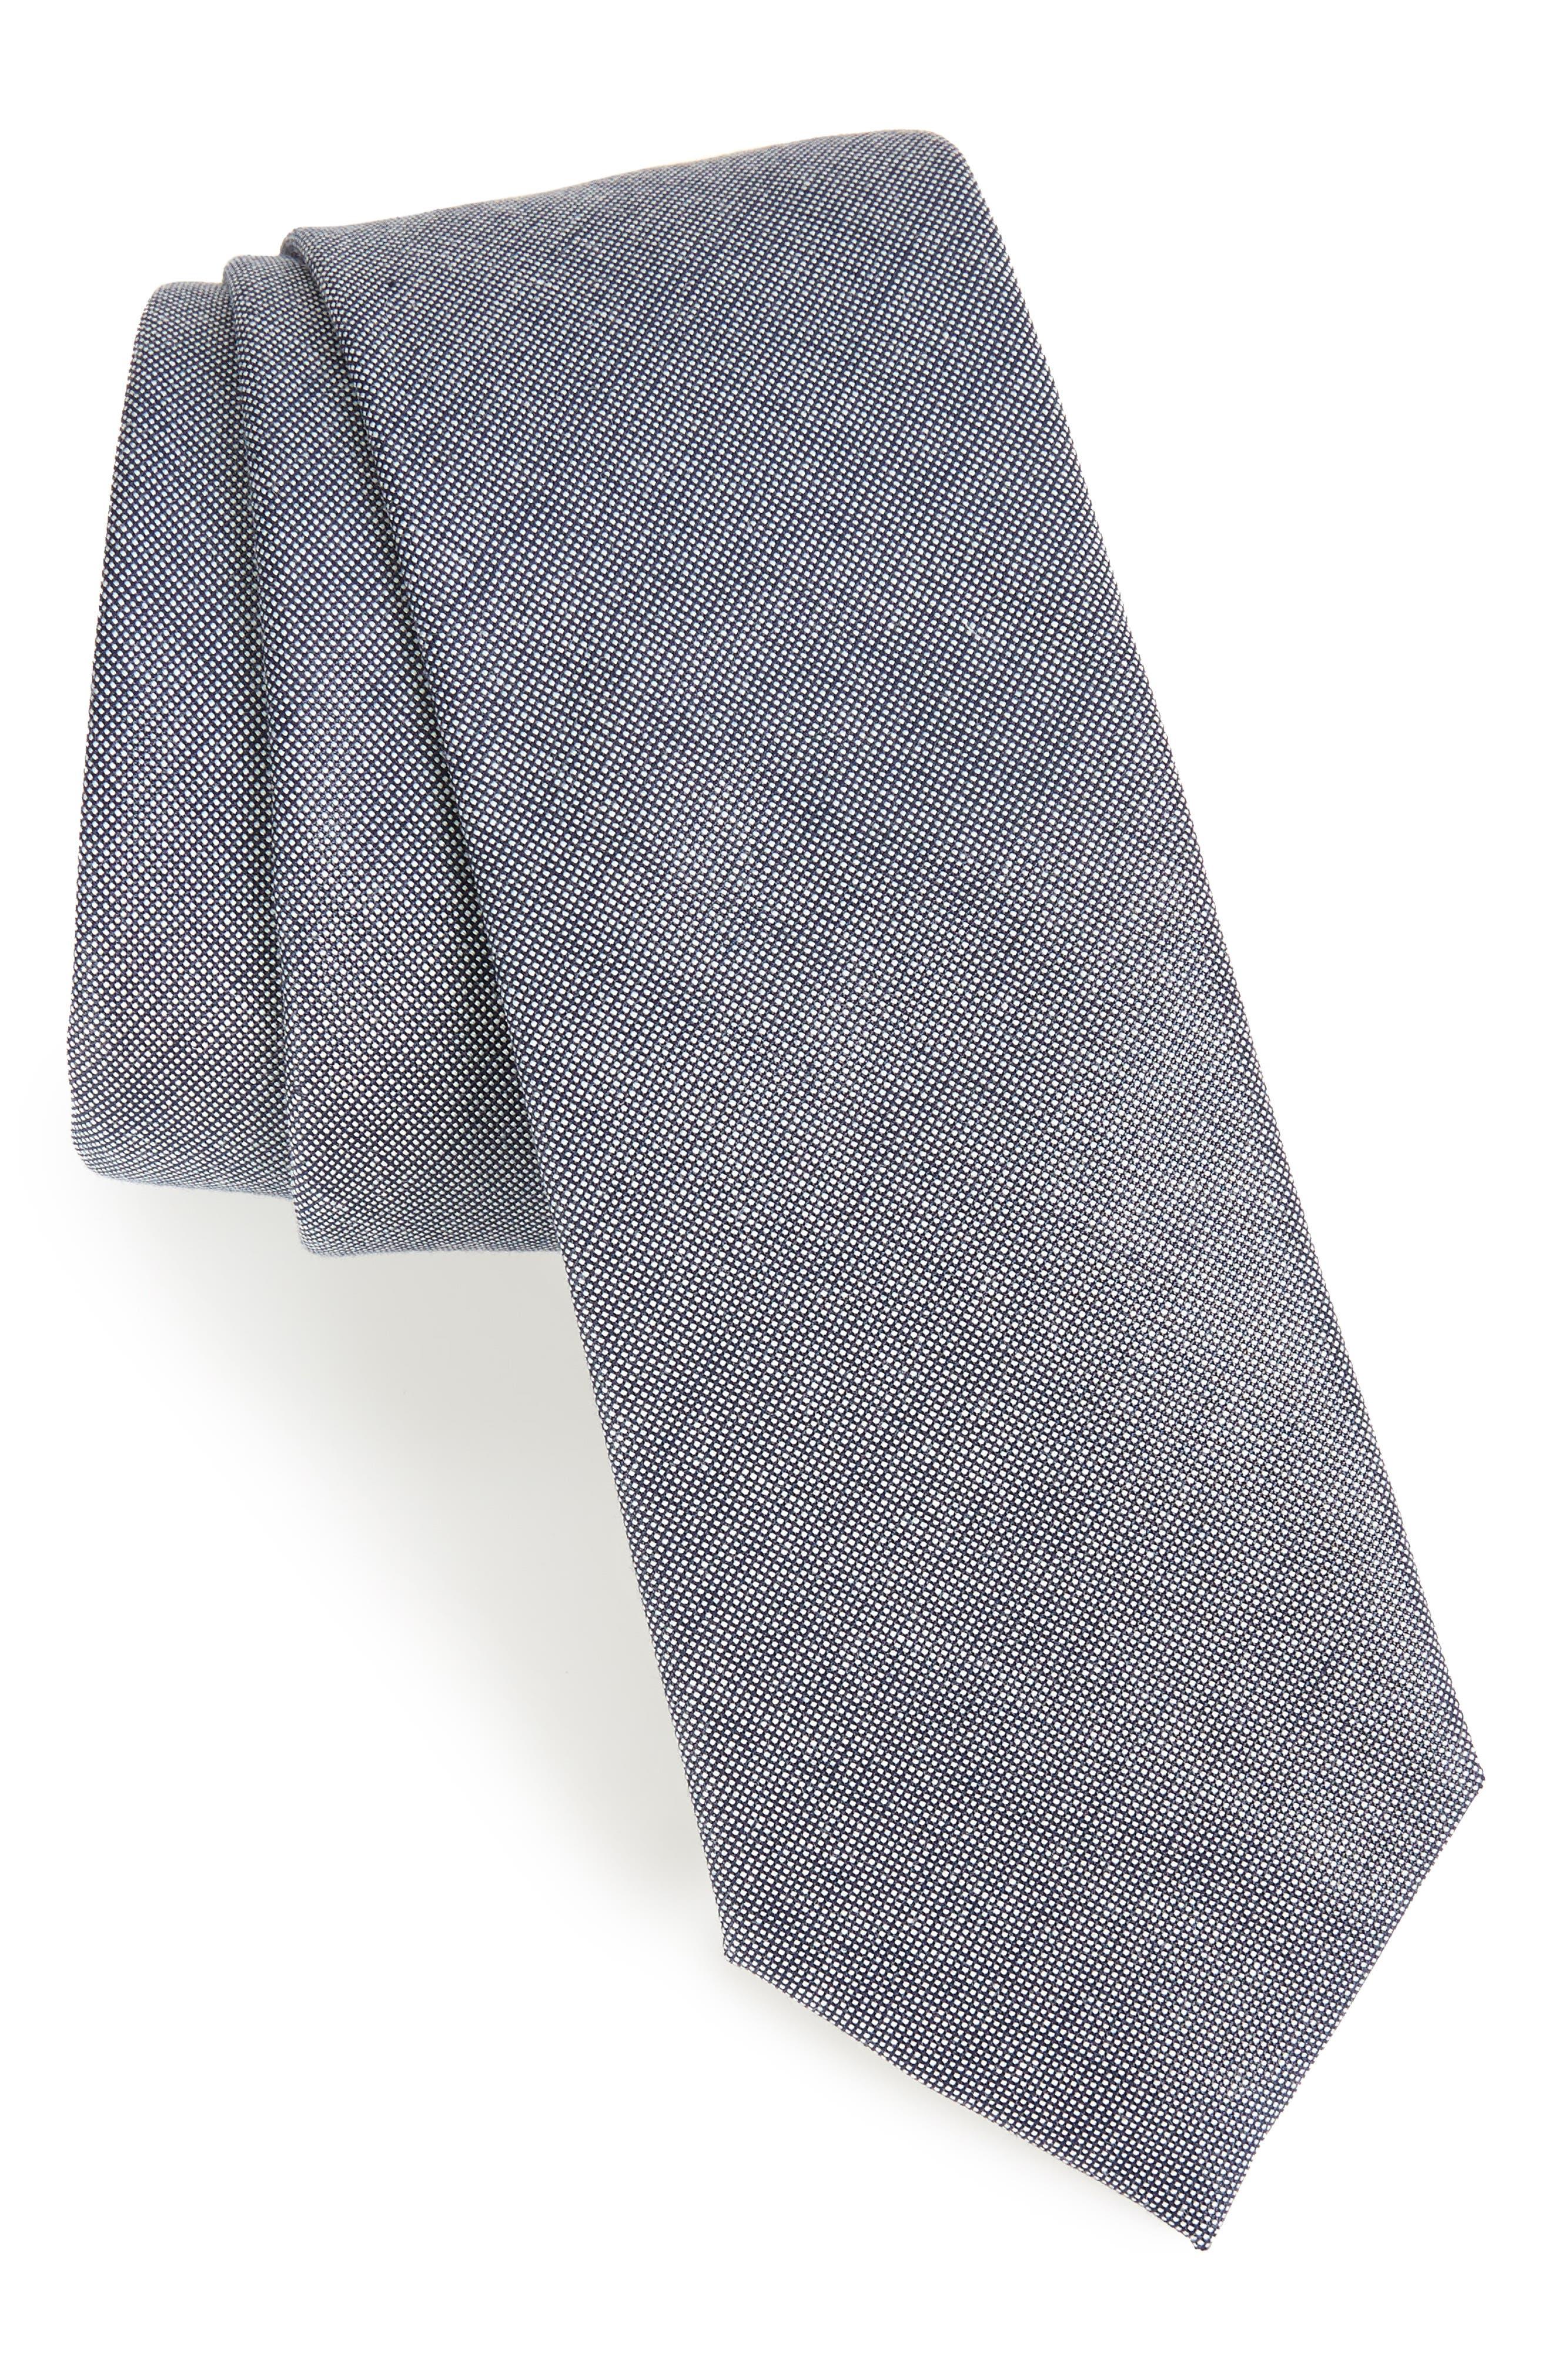 Combin Solid Cotton Blend Tie,                             Main thumbnail 1, color,                             410